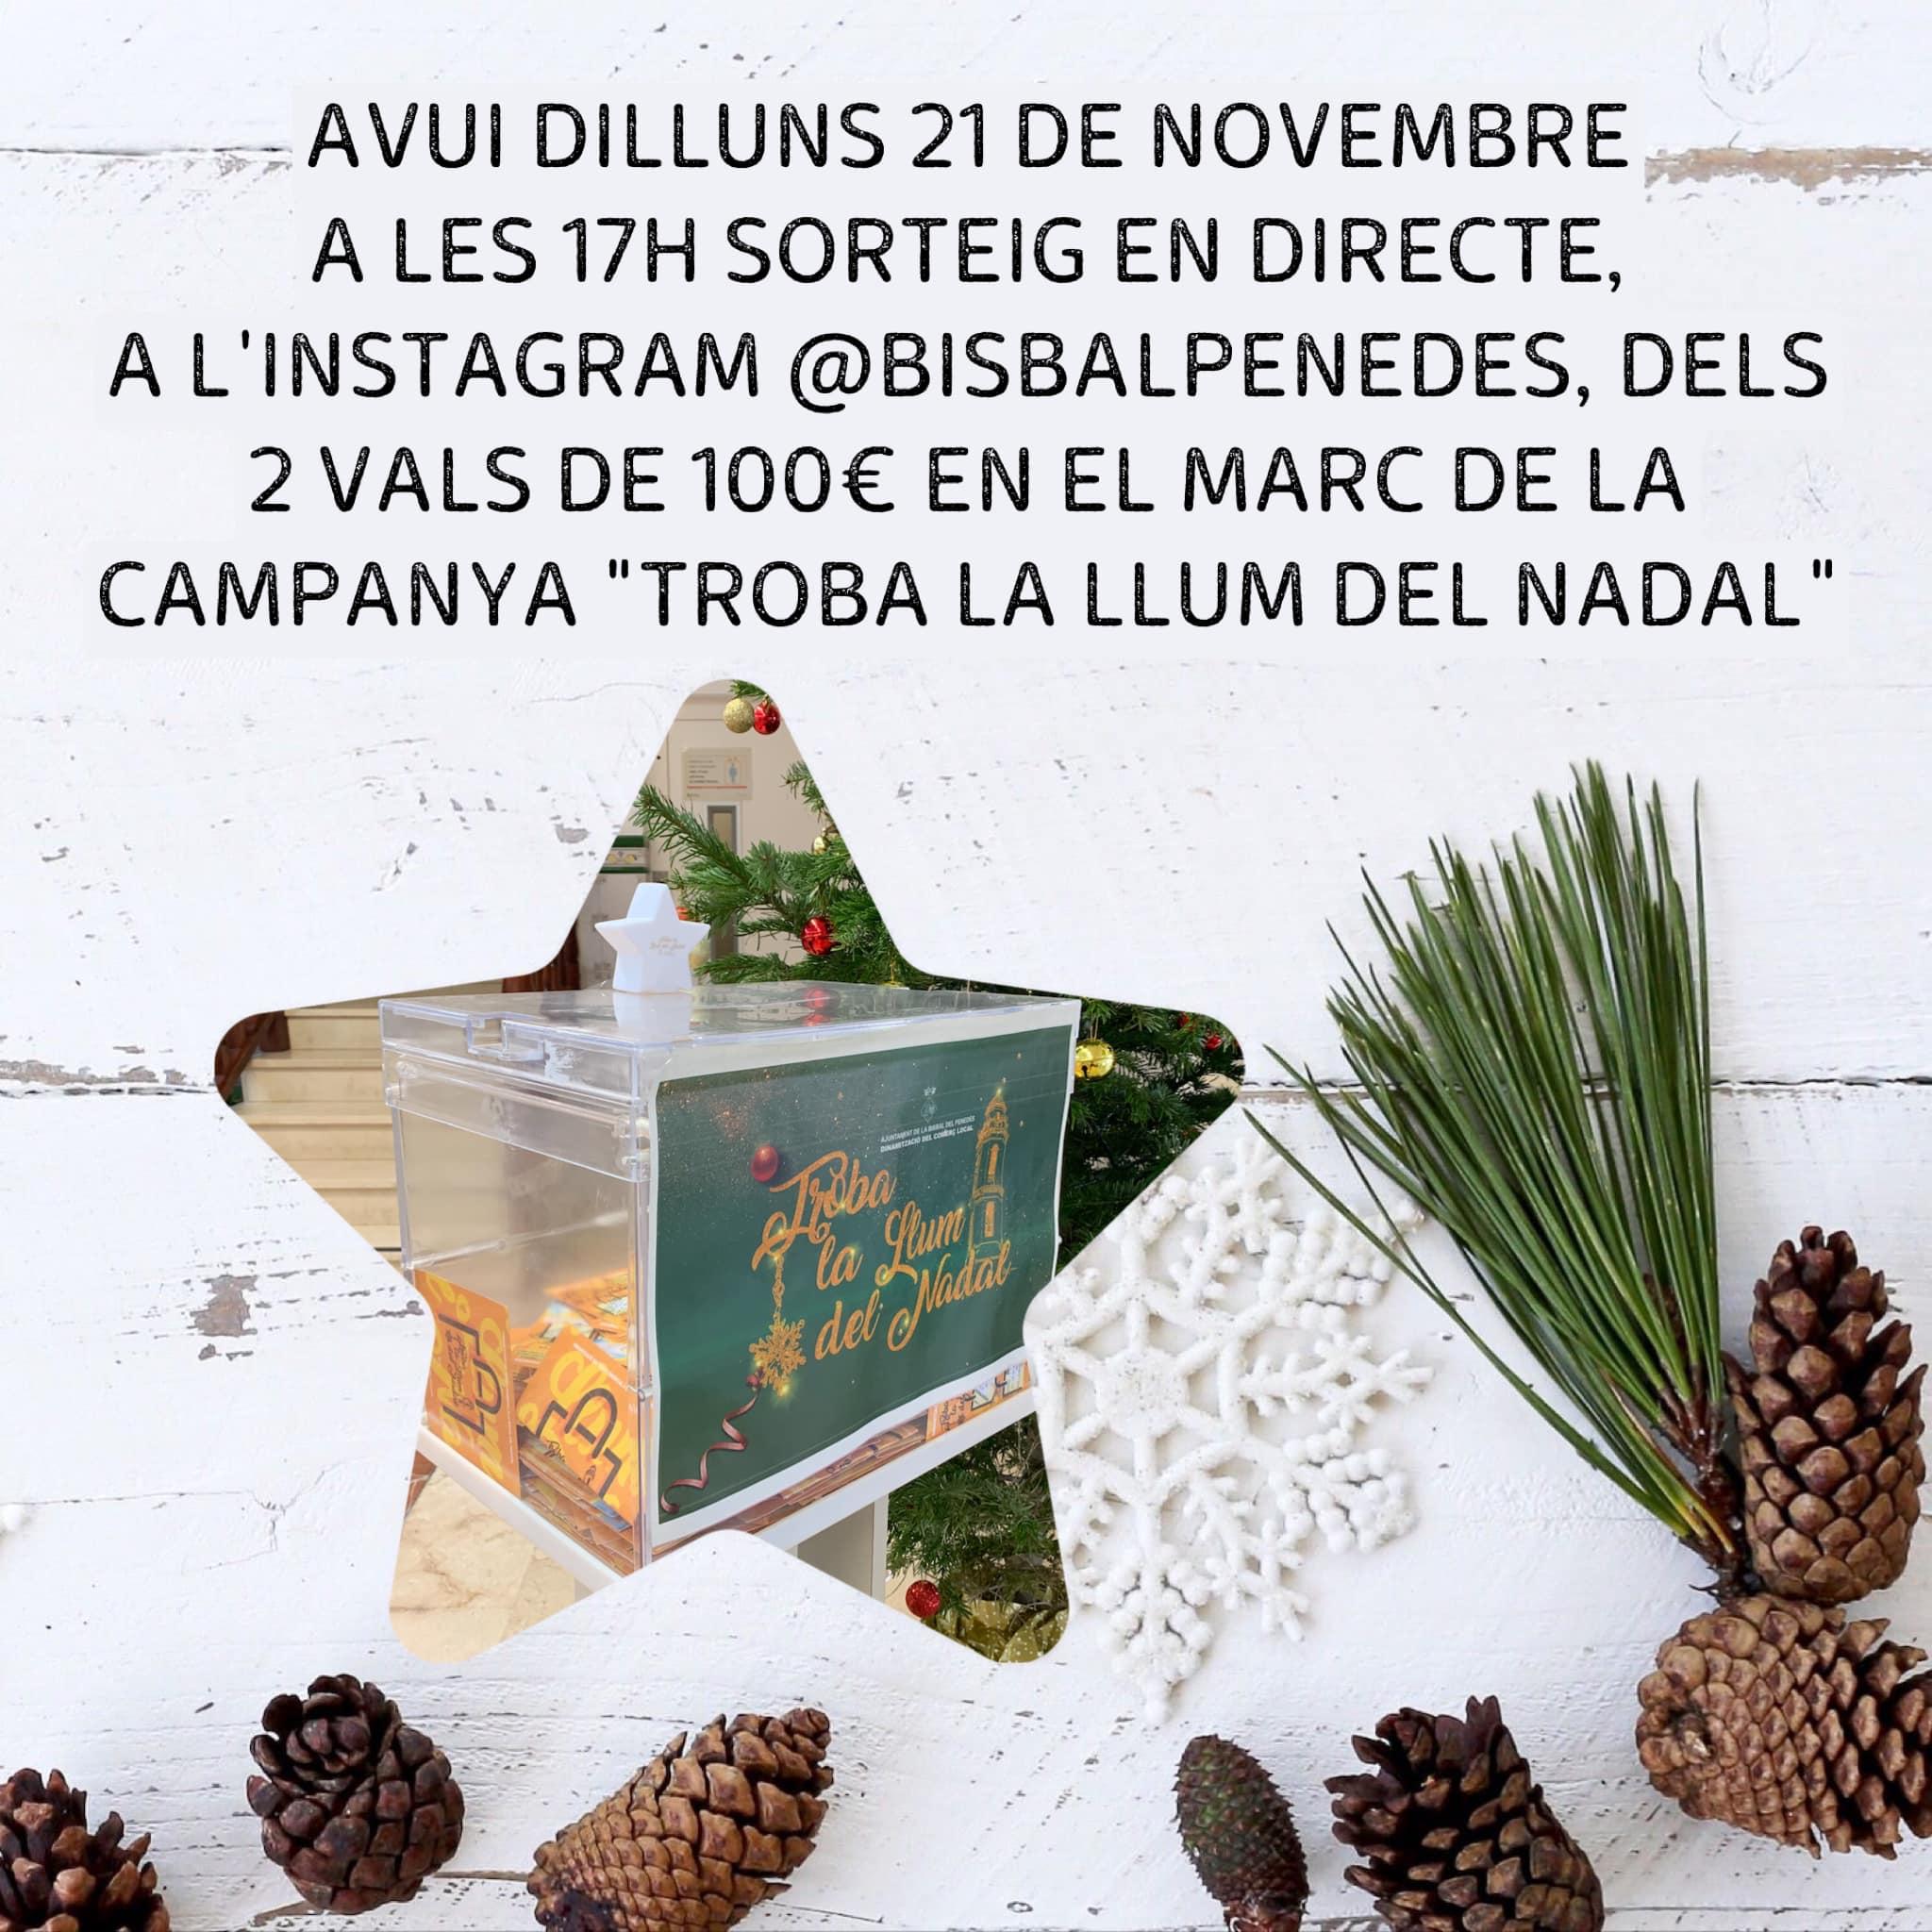 """El dilluns 21 de desembre a les 17h es farà el sorteig dels 2 vals de compra de 100€ en el marc de la campanya """"Troba la Llum del Nadal"""""""